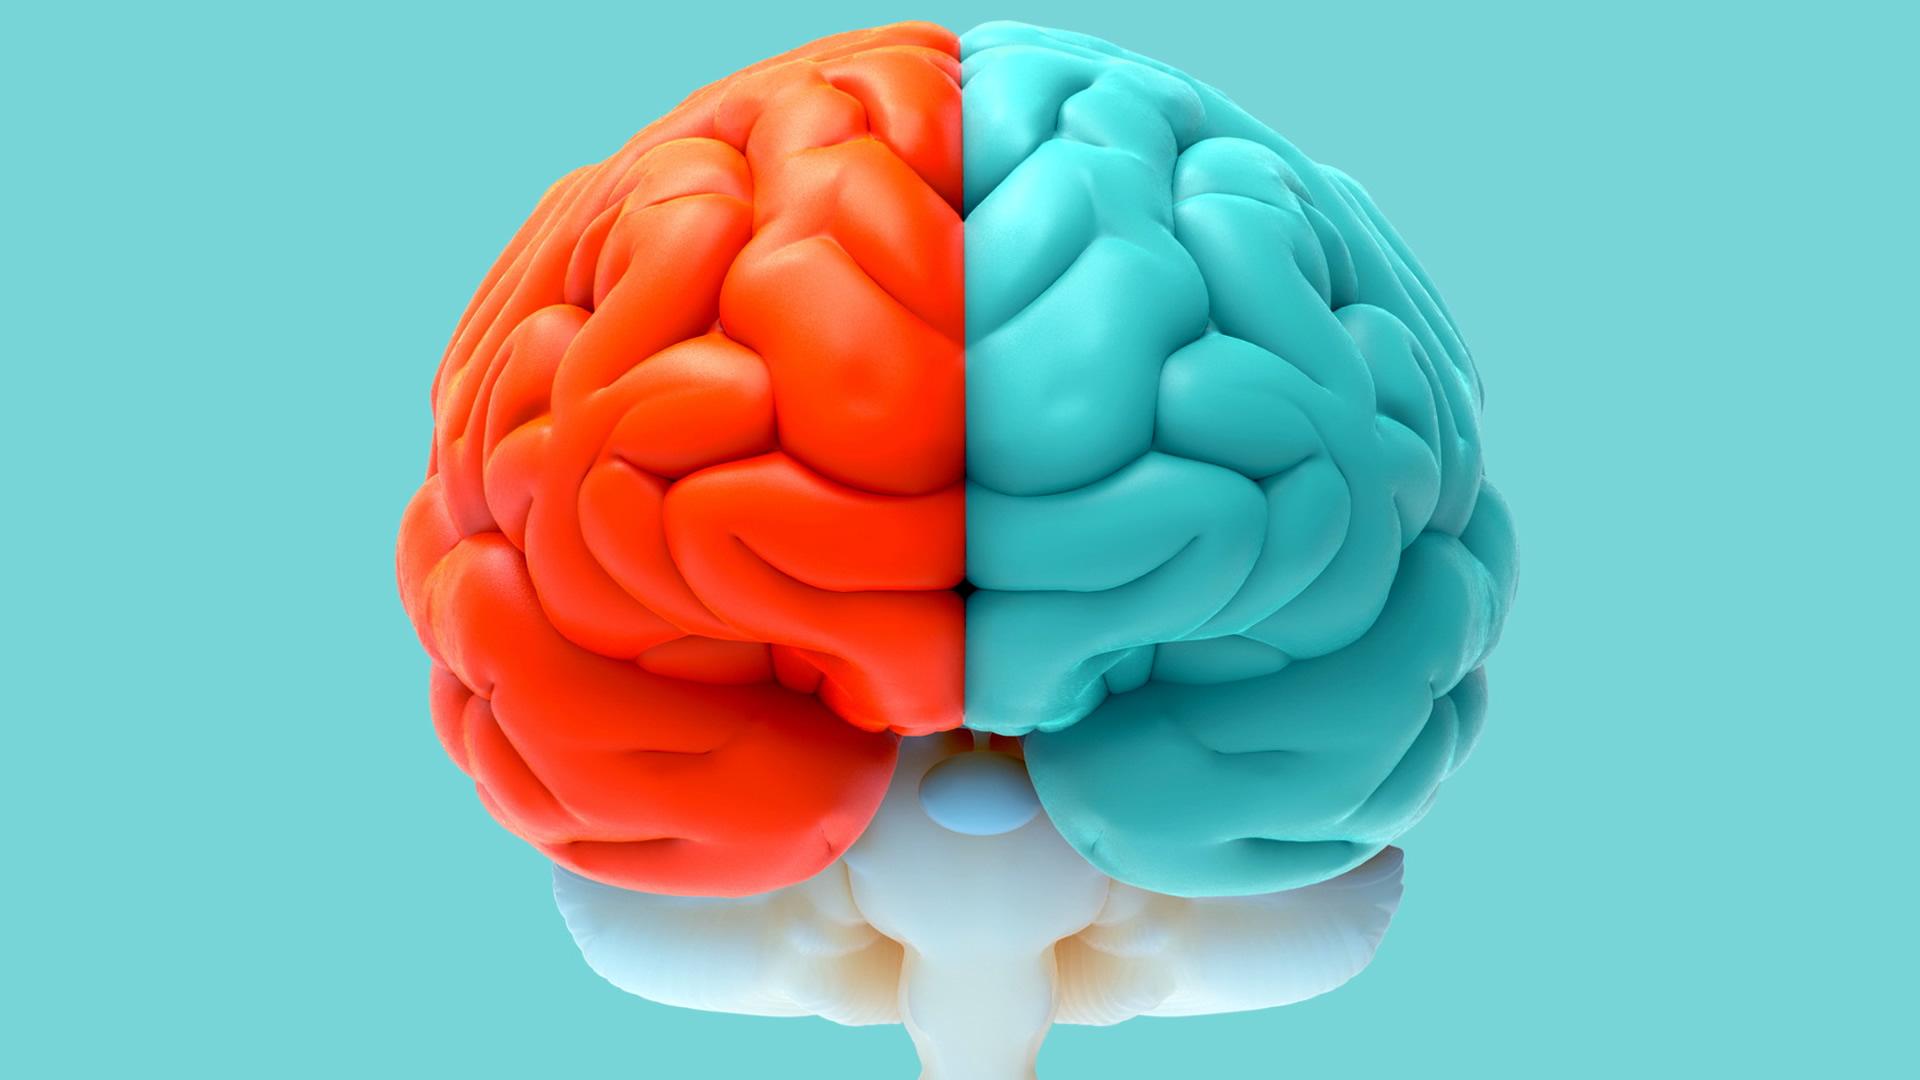 левый и правый мозг